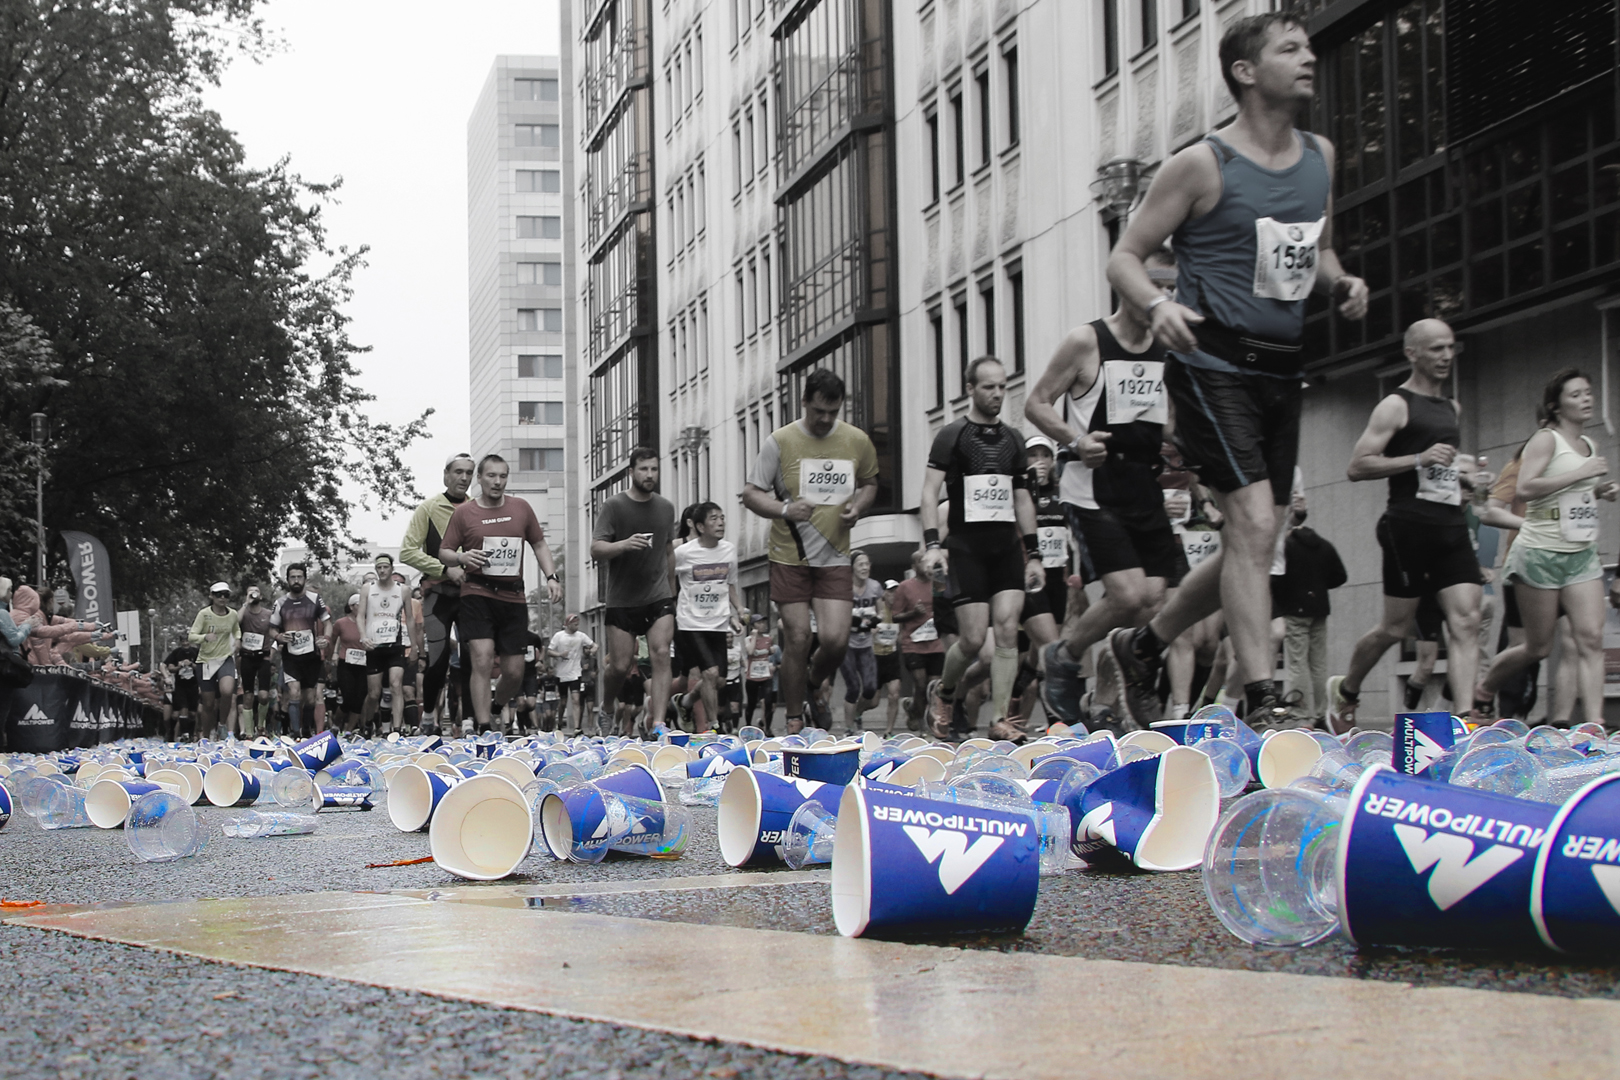 An der Power-Station - Berlin-Marathon